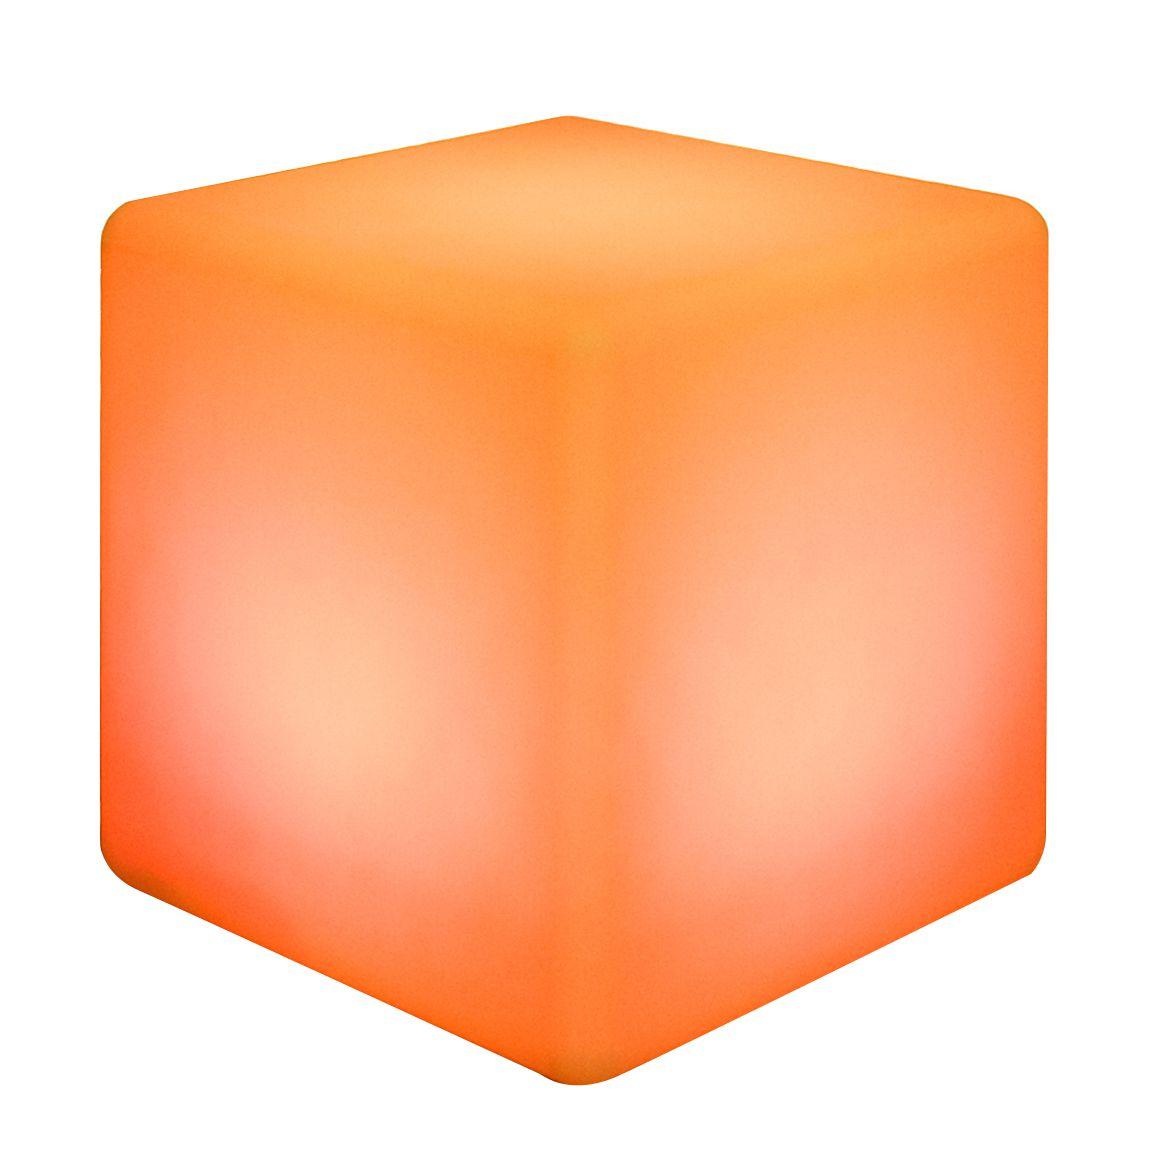 Hocker FIREFLY von FURNITIVE mit Beleuchtung - orange